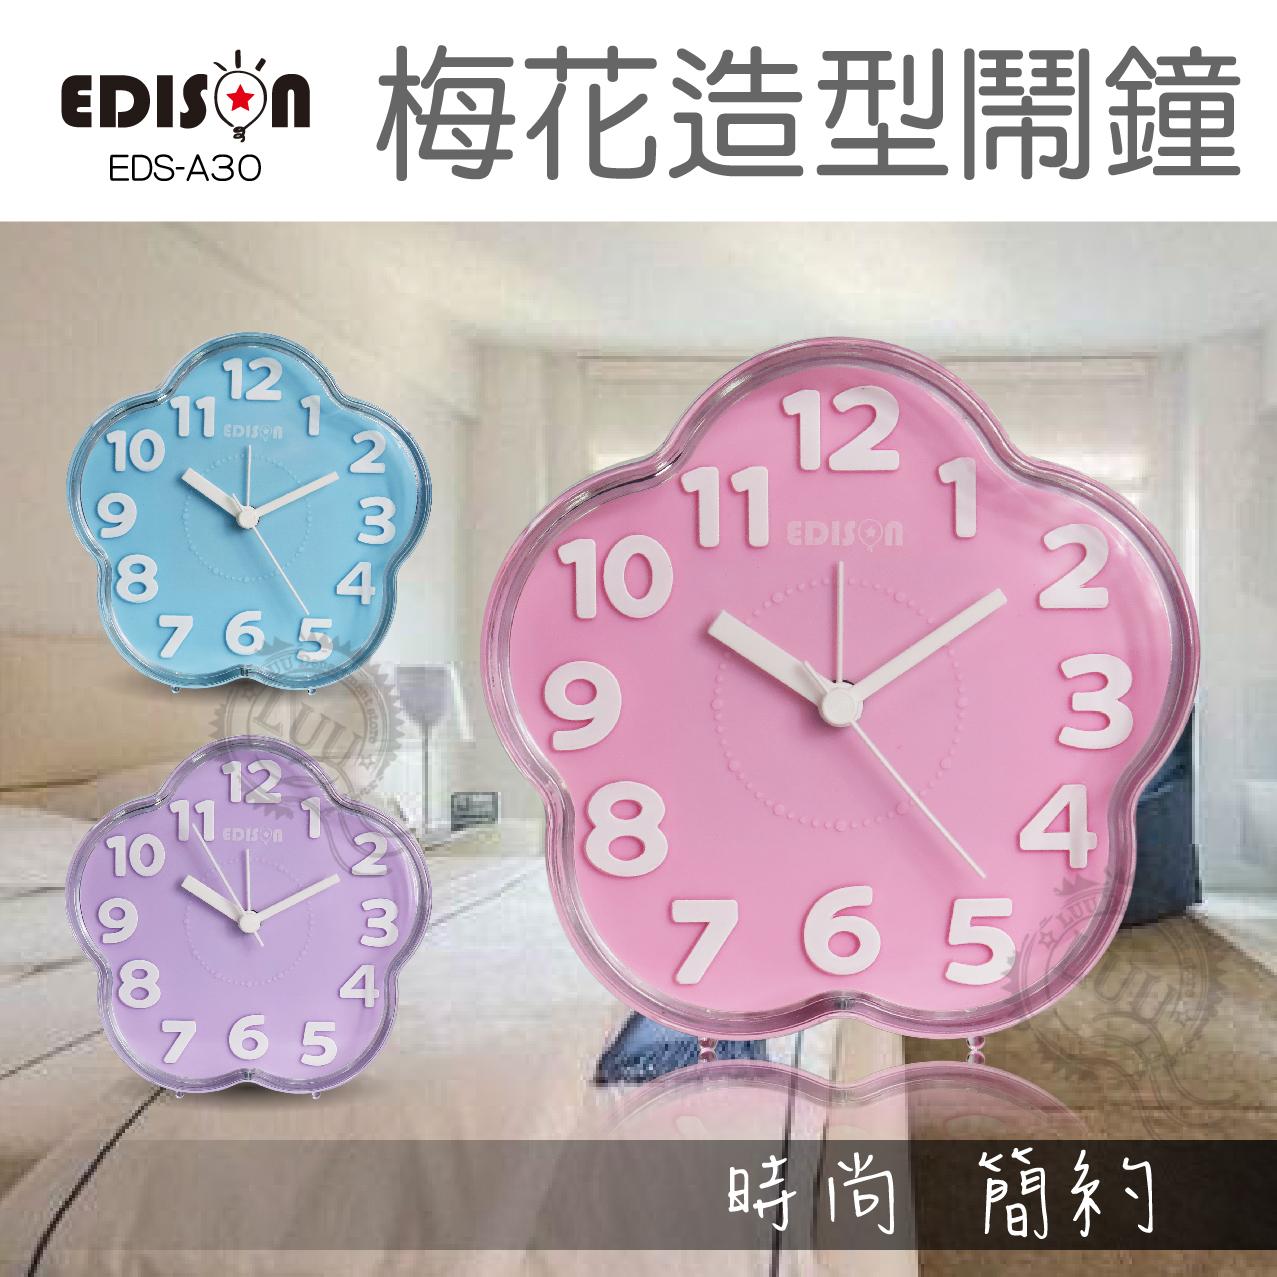 樂悠悠生活館EDISON愛迪生梅花造型鬧鐘時鐘鐘錶計時器鬧鈴EDS-A30